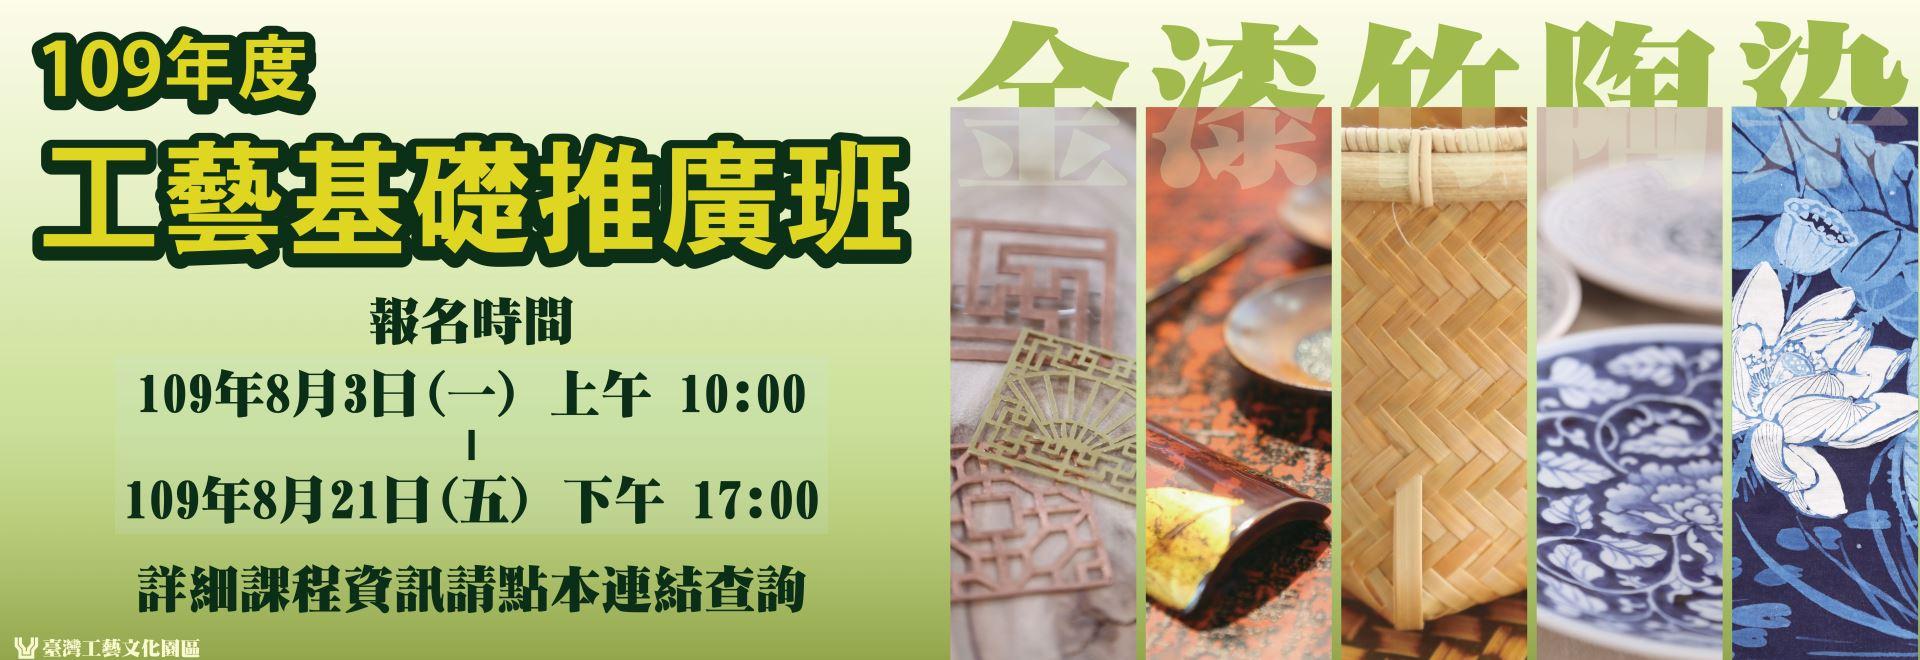 臺灣工藝文化園區109年工藝基礎推廣公辦班「另開新視窗」